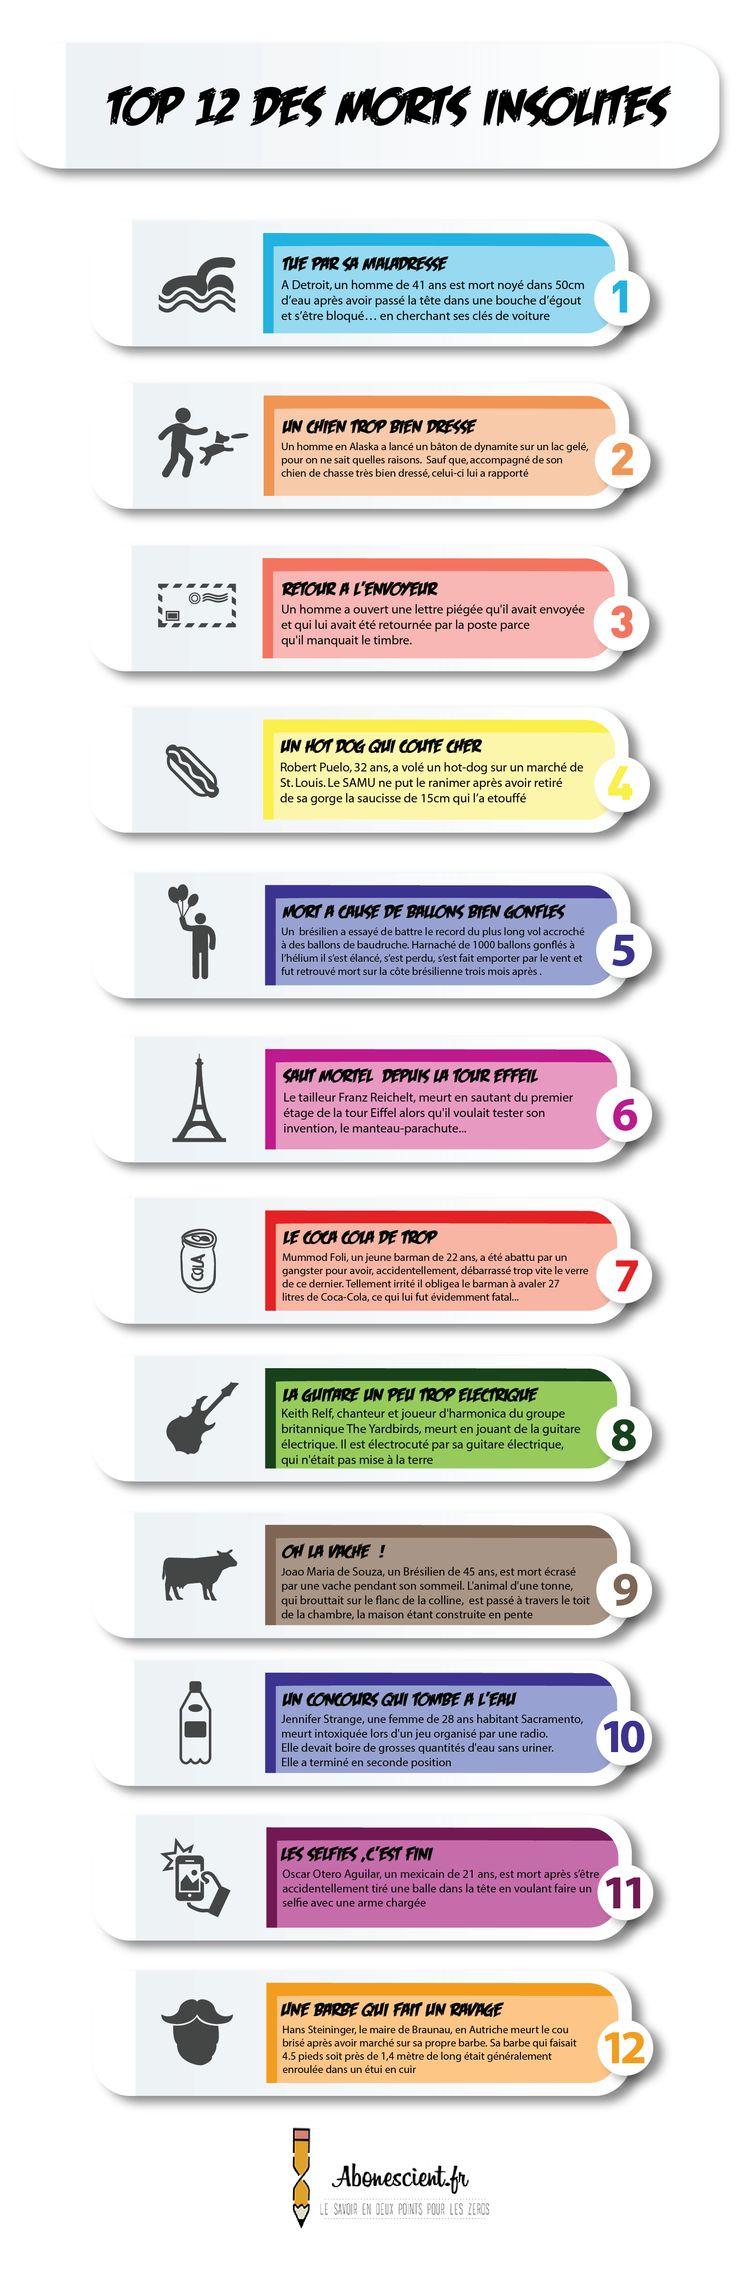 Top 12 des morts insolites en #infographie | A Bon Escient